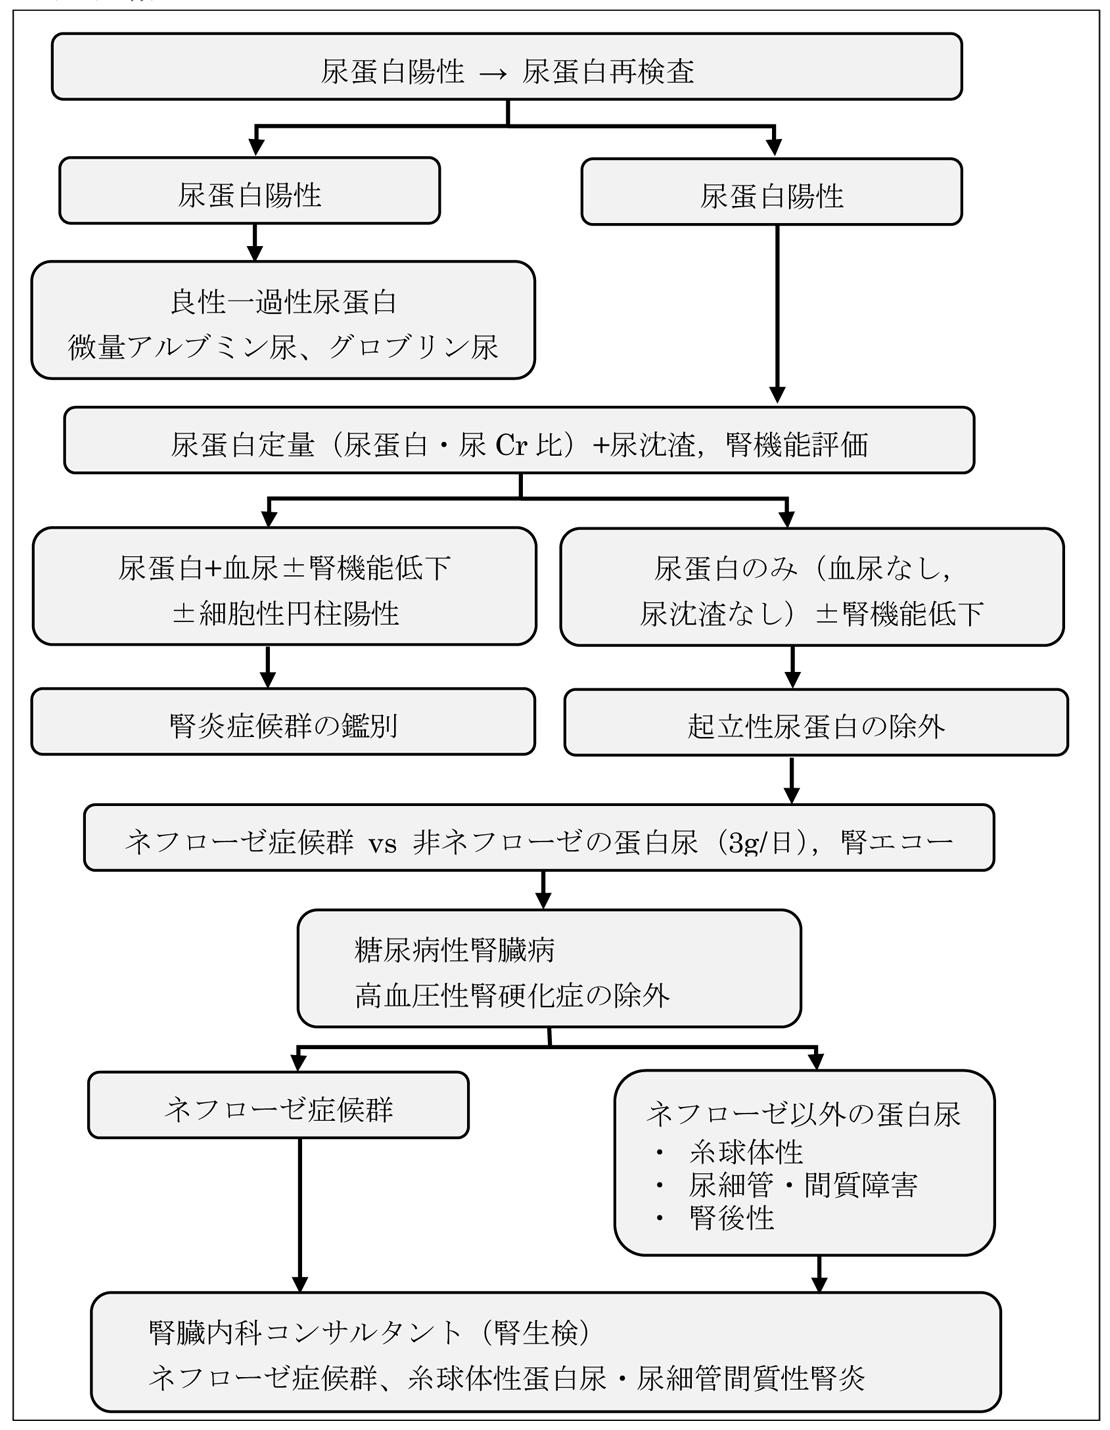 基準 ネフローゼ 症候群 診断